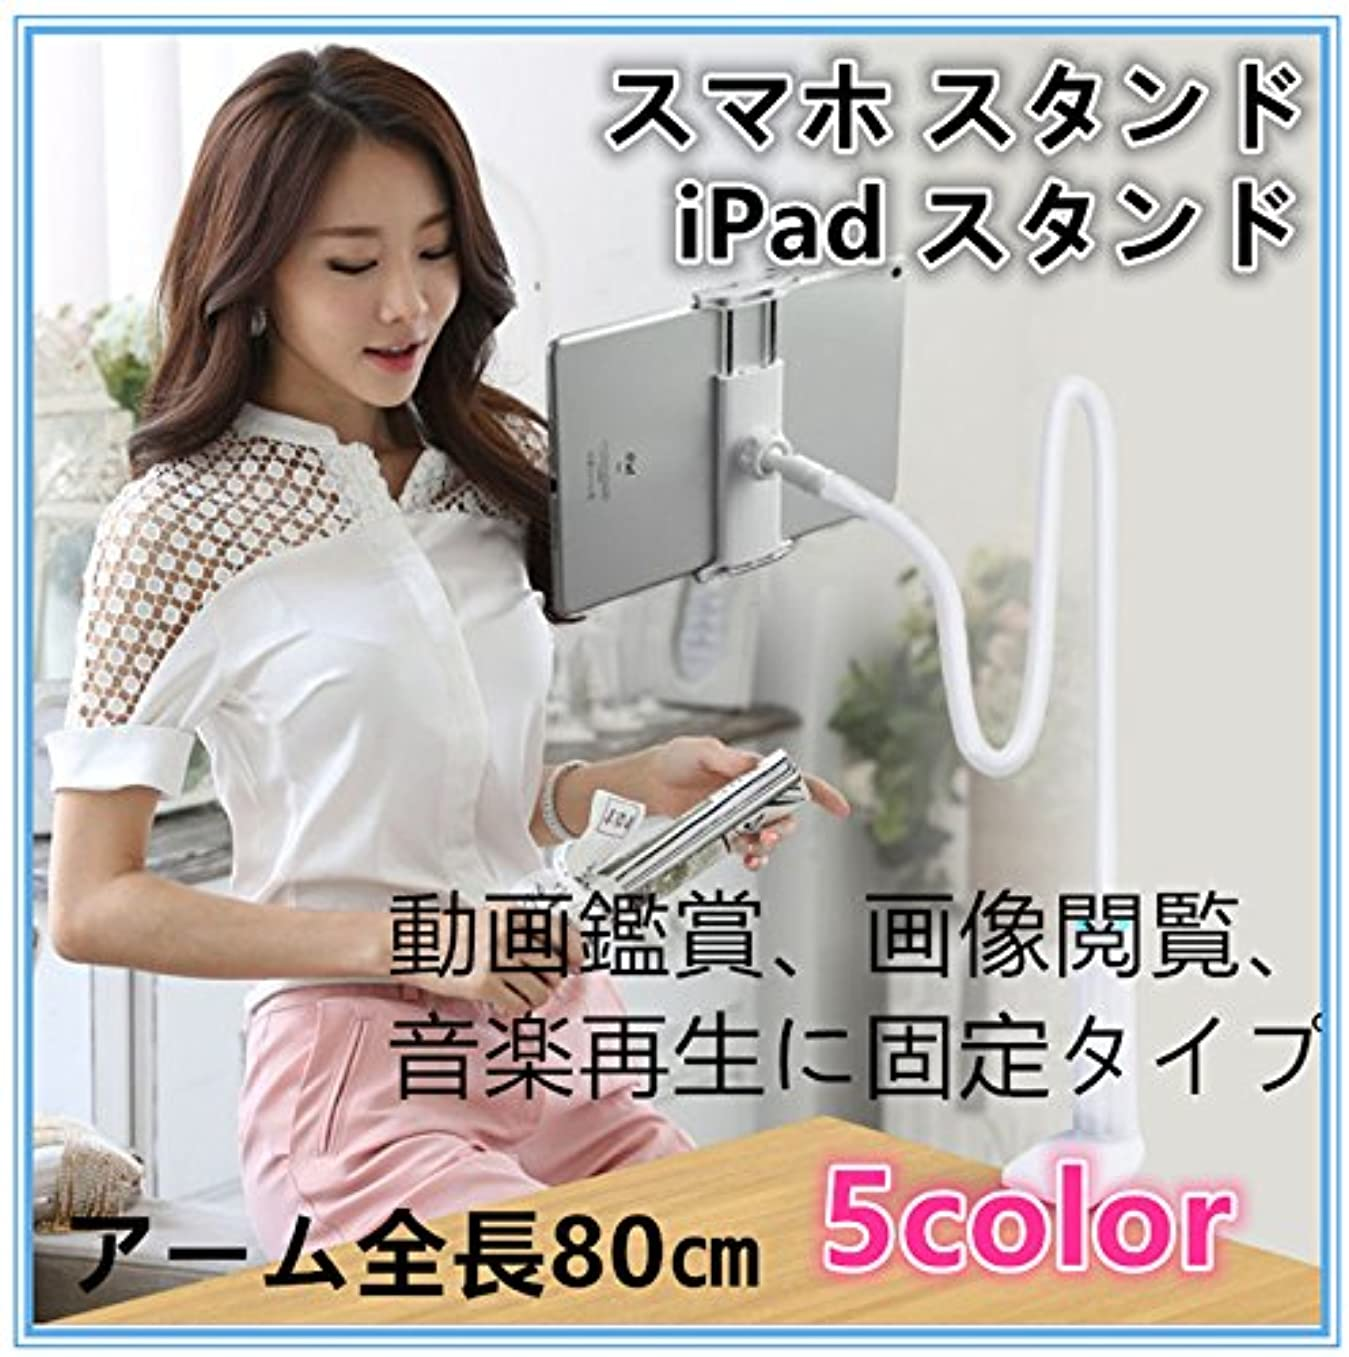 オート勇気のある競うタブレット スタンド アーム 寝ながら スマホ スタンド iPad スタンド フレキシブルアーム 80cm (イェロー)